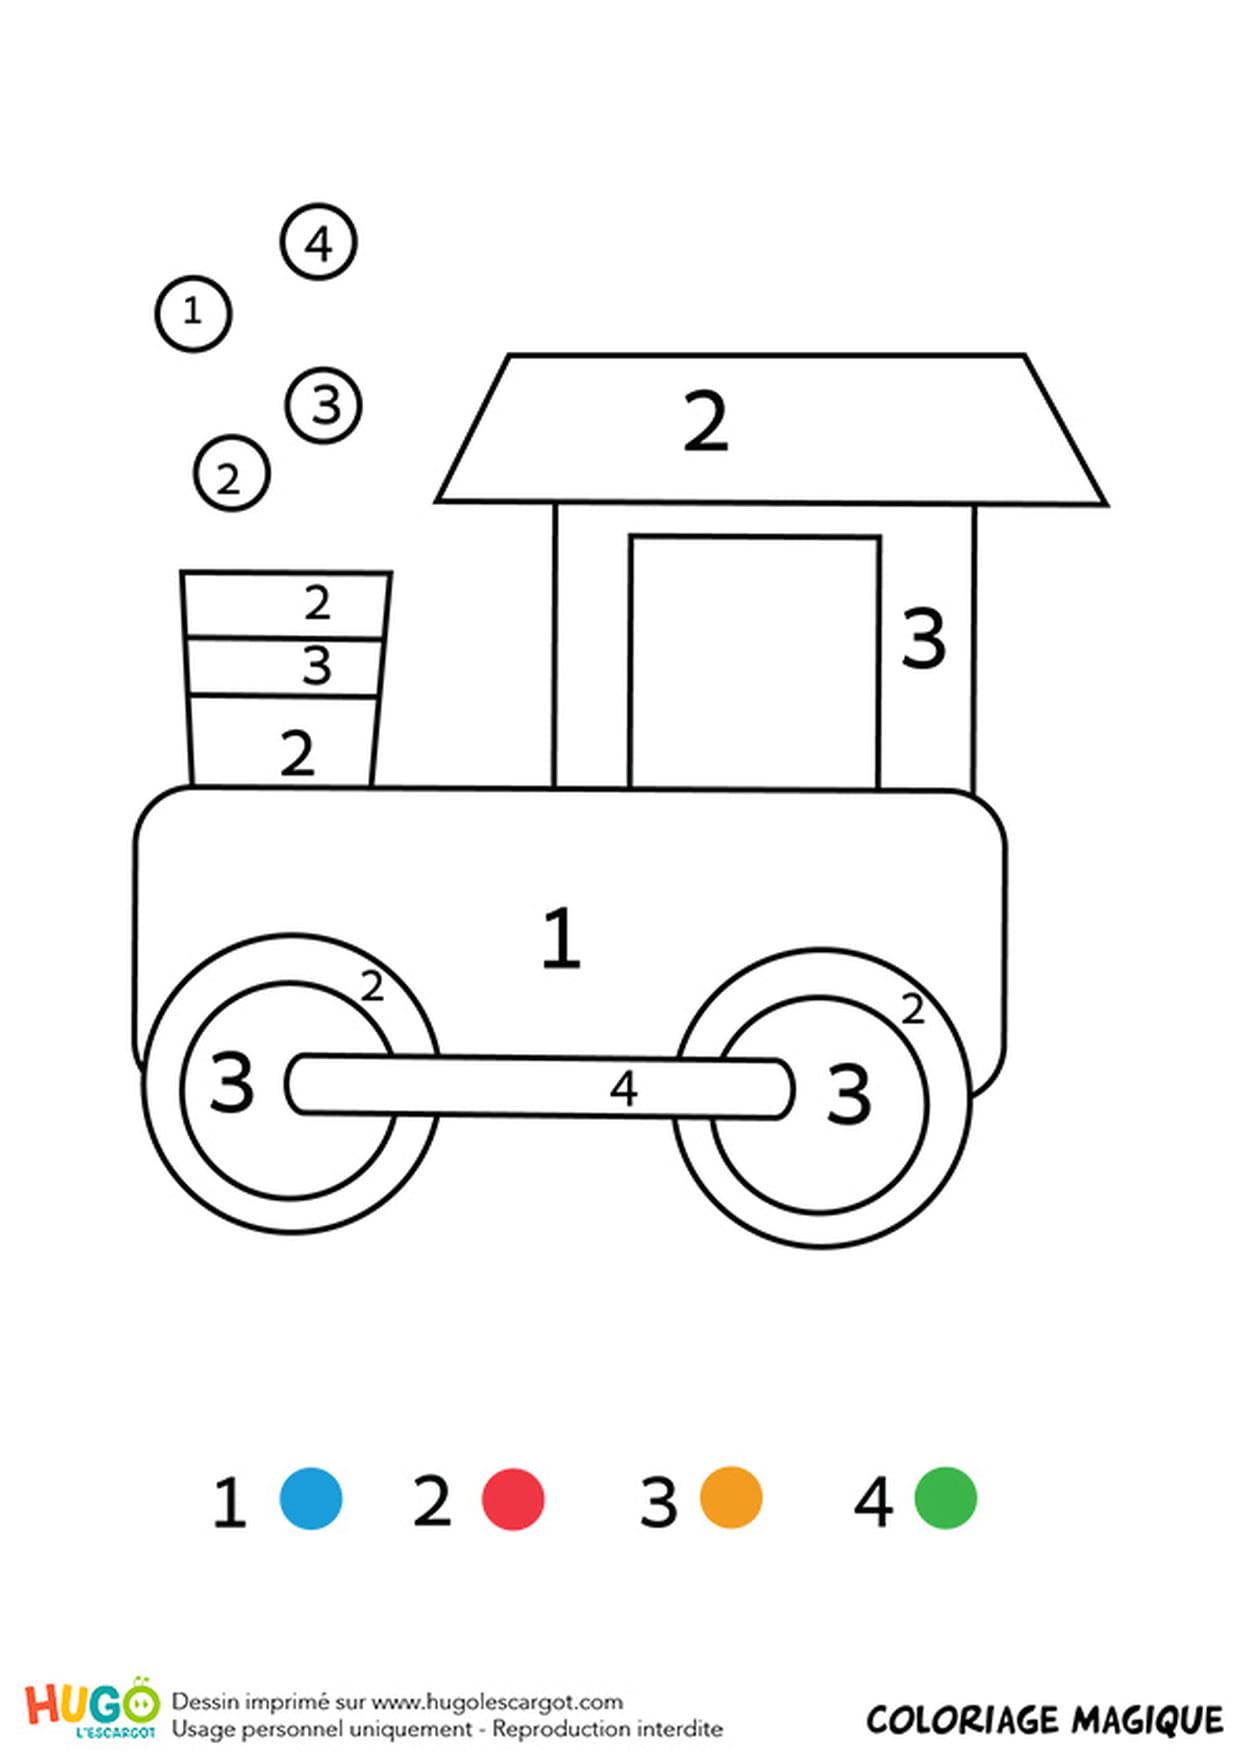 Coloriage Magique Cp : Une Locomotive dedans Coloriage Magique Alphabet Cp